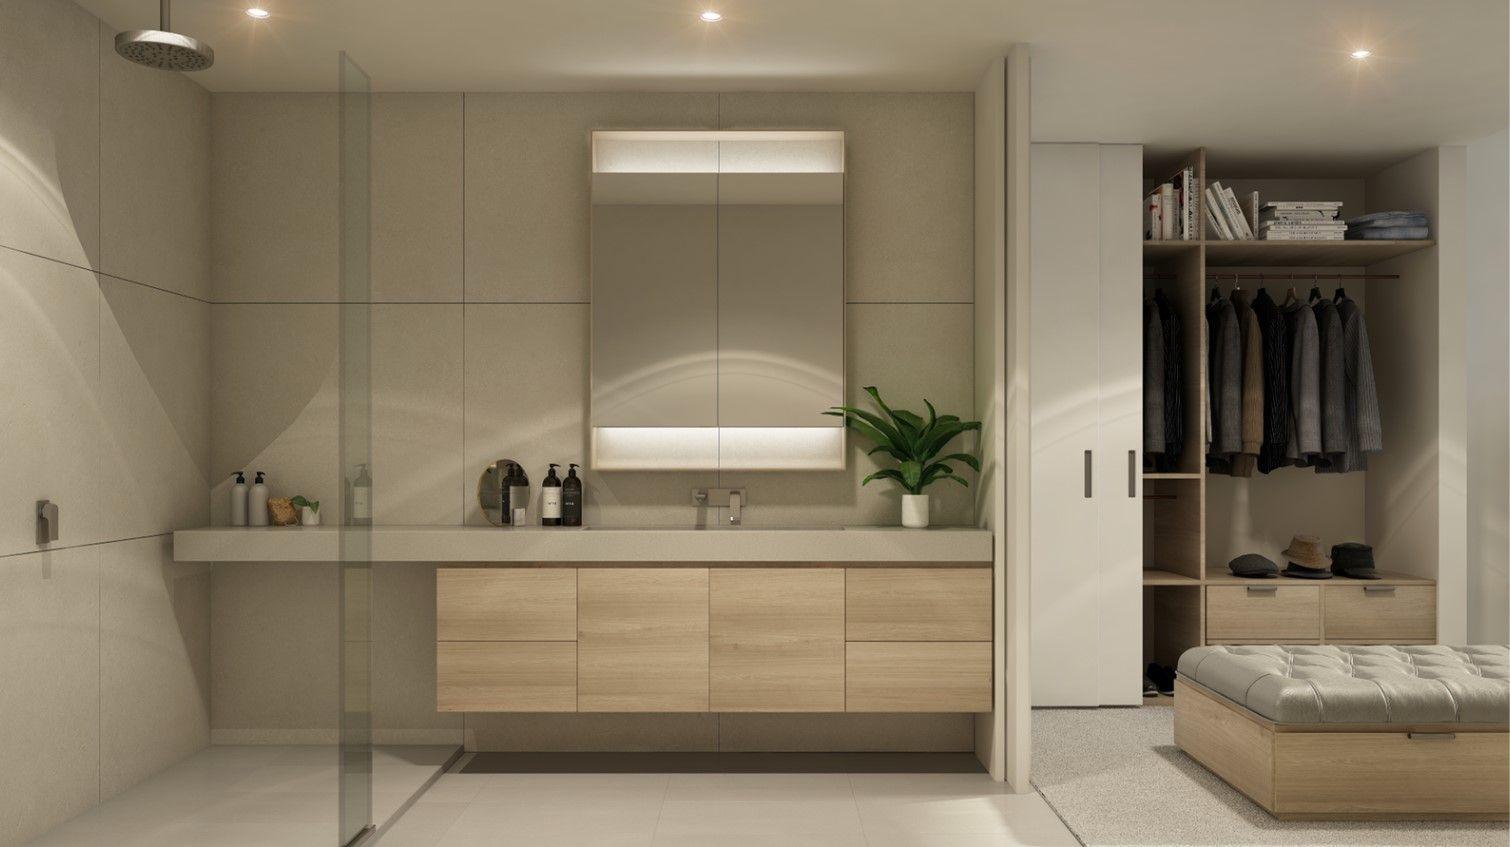 210/601 St Kilda Rd, Melbourne 3004 VIC 3004, Image 0